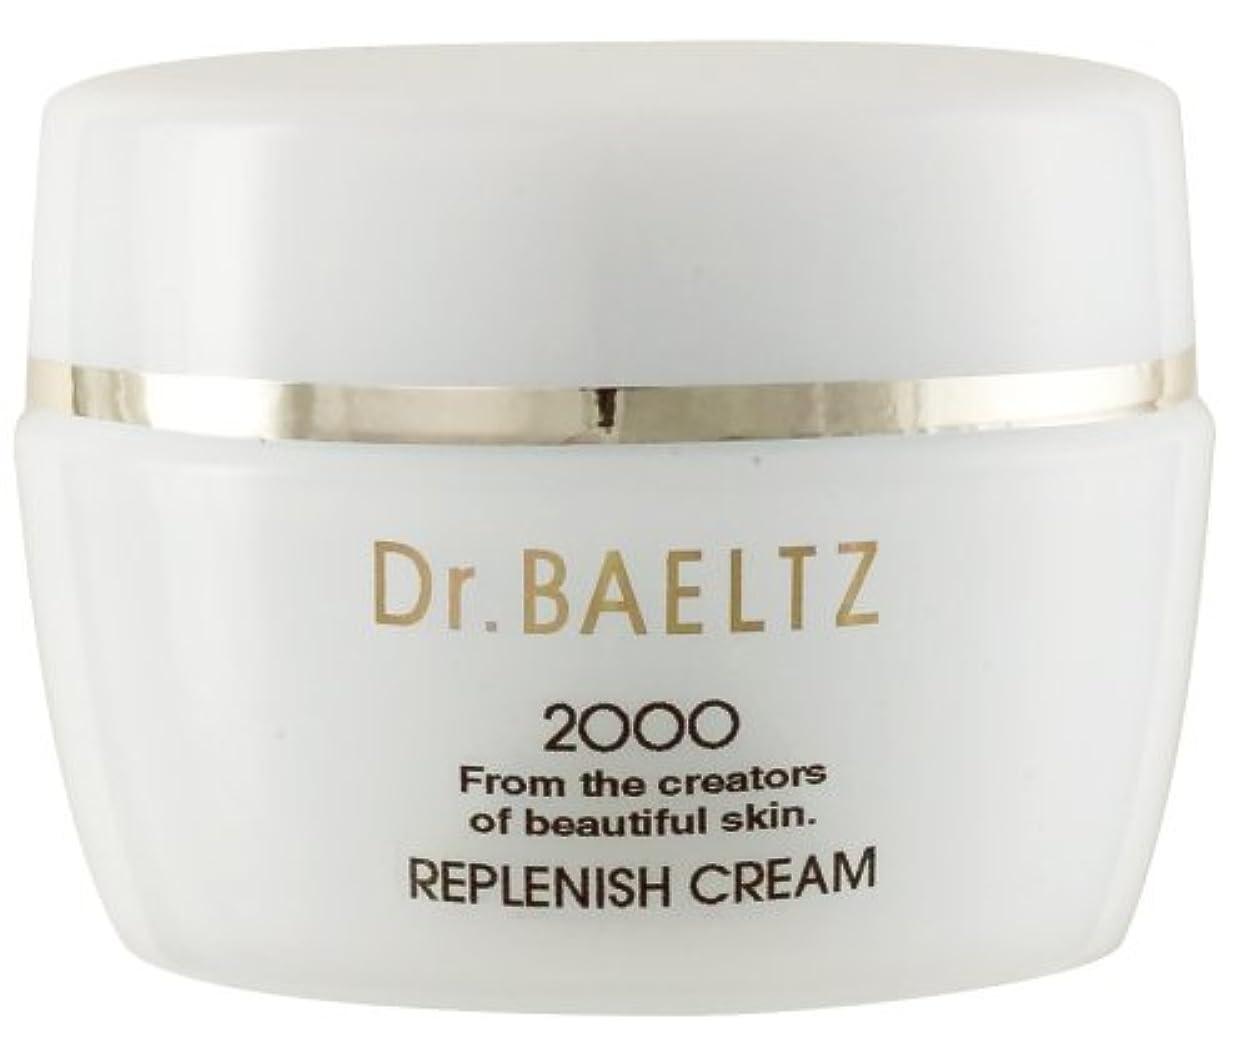 ペフ汚すアンプドクターベルツ(Dr.BAELTZ) リプレニッシュクリーム 40g(保湿クリーム)